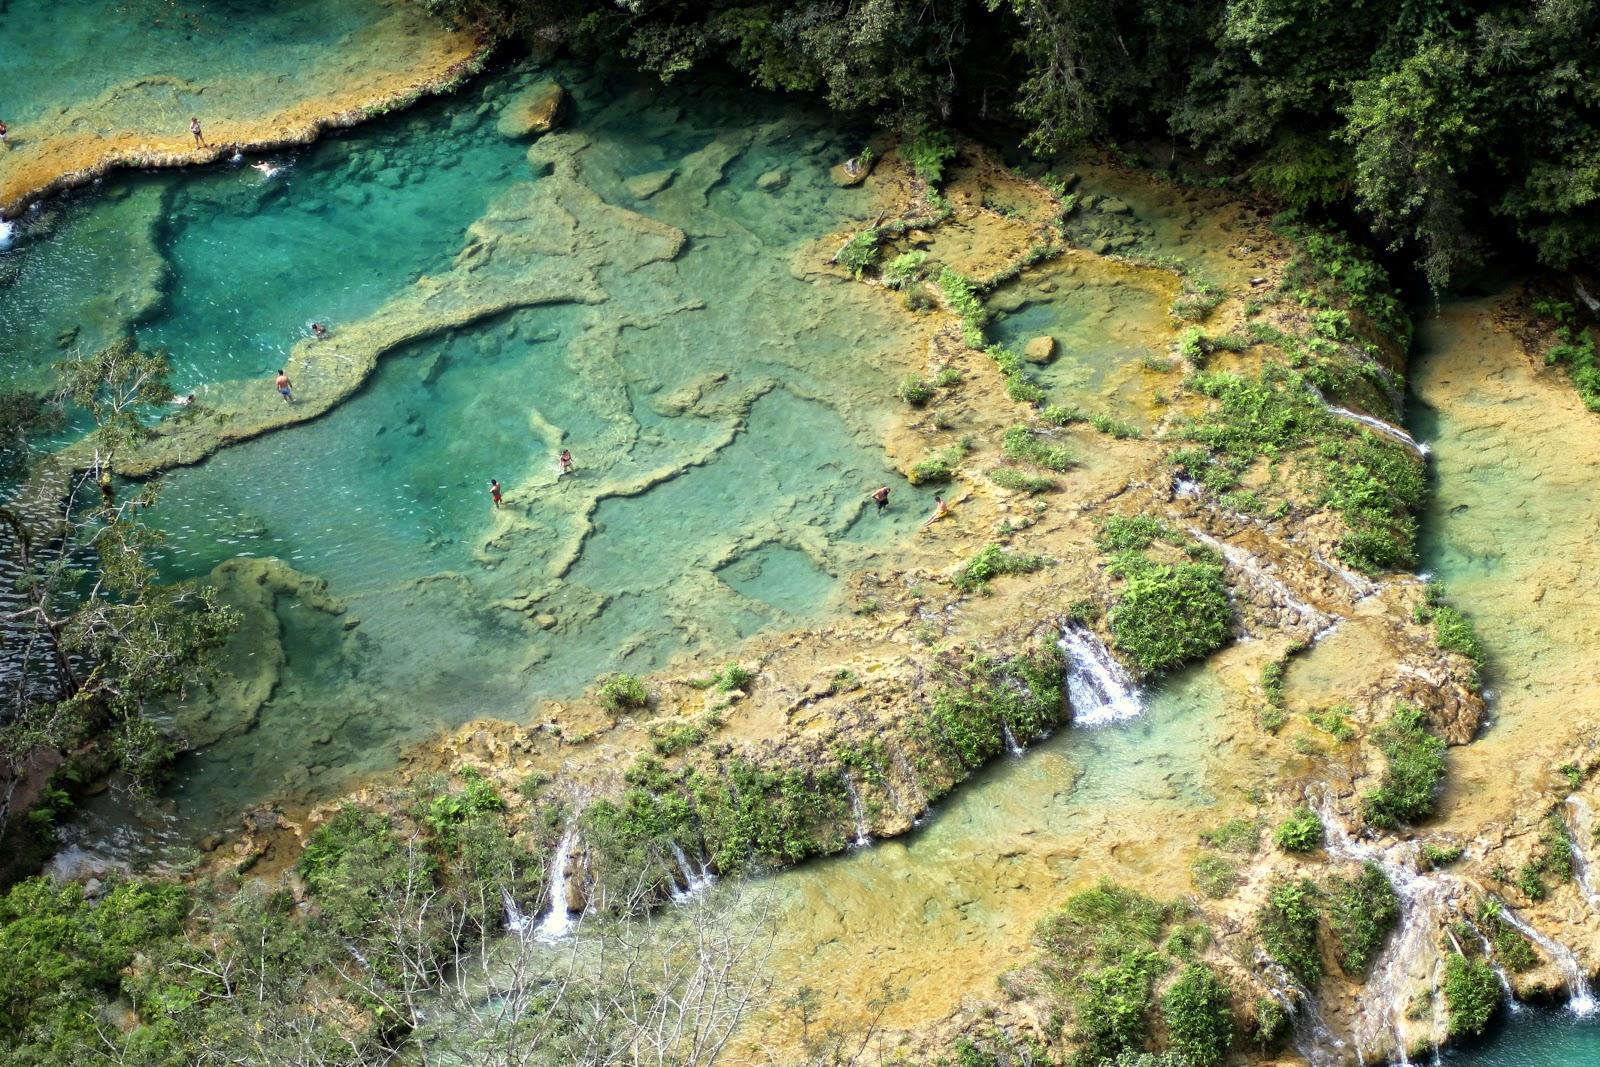 piscine naturali semuc champey